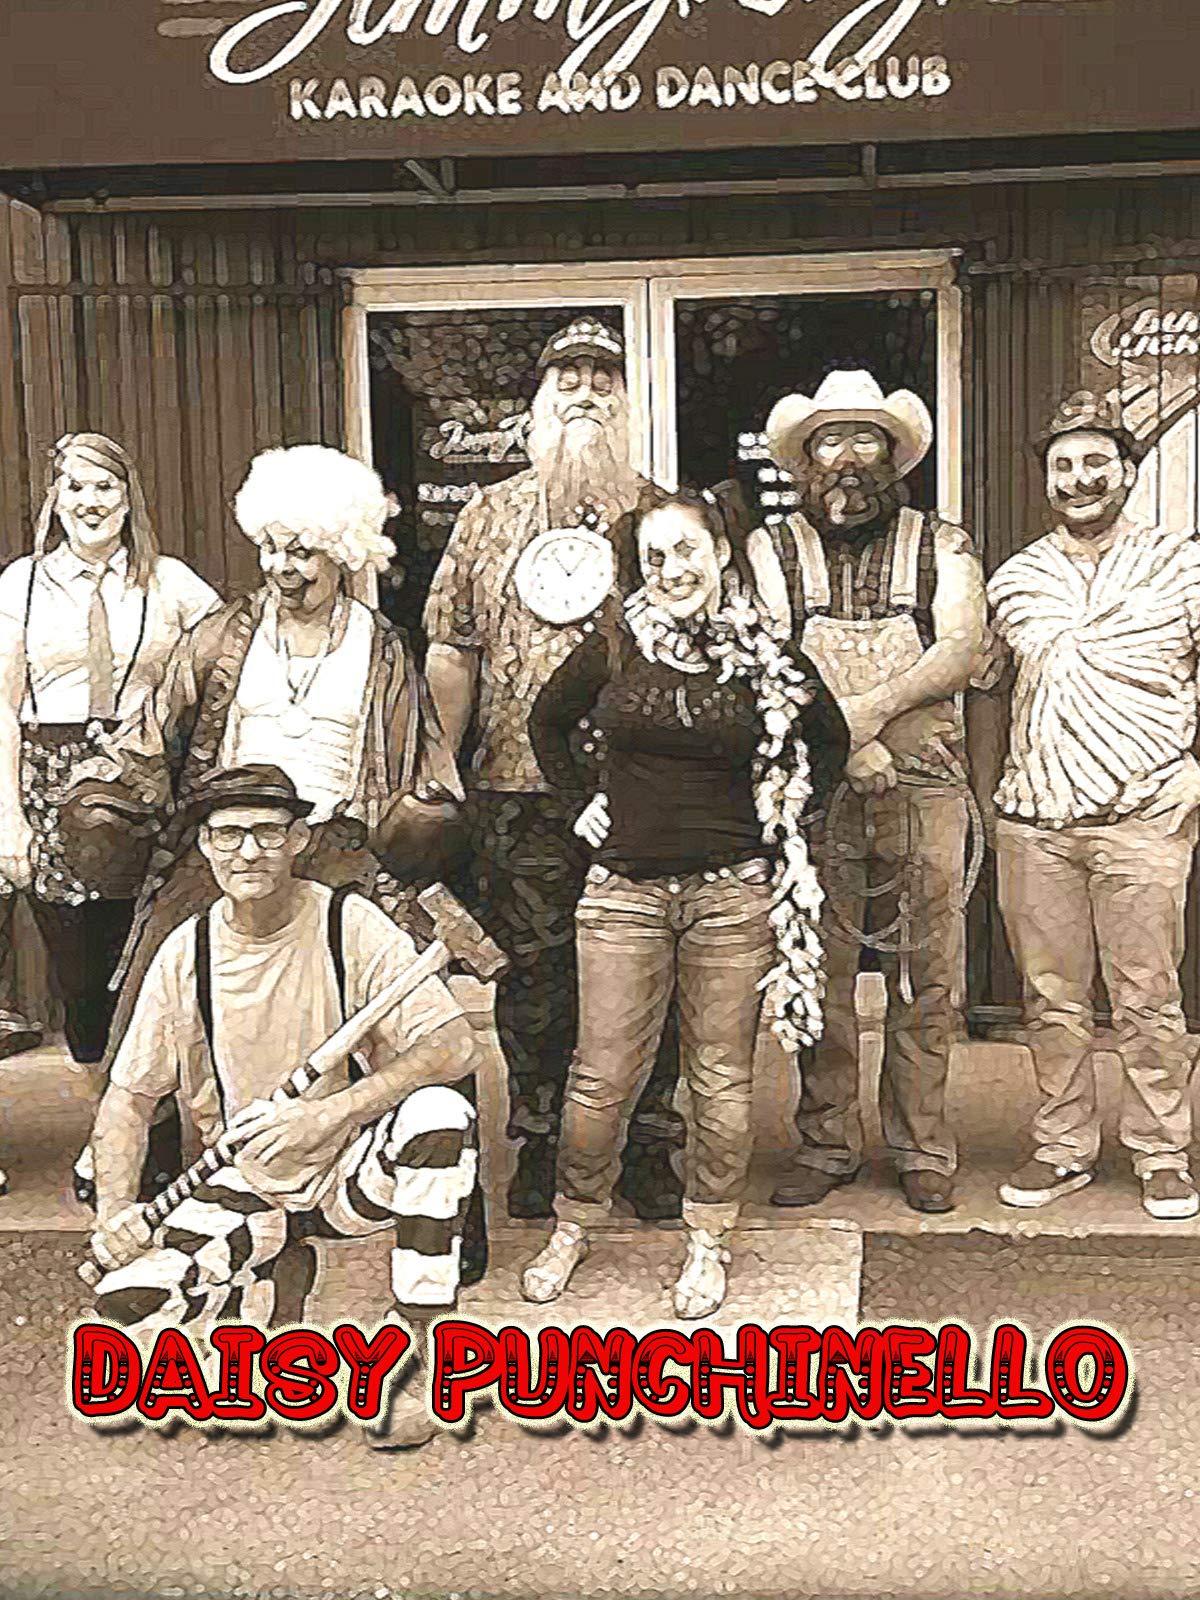 Daisy Punchinello